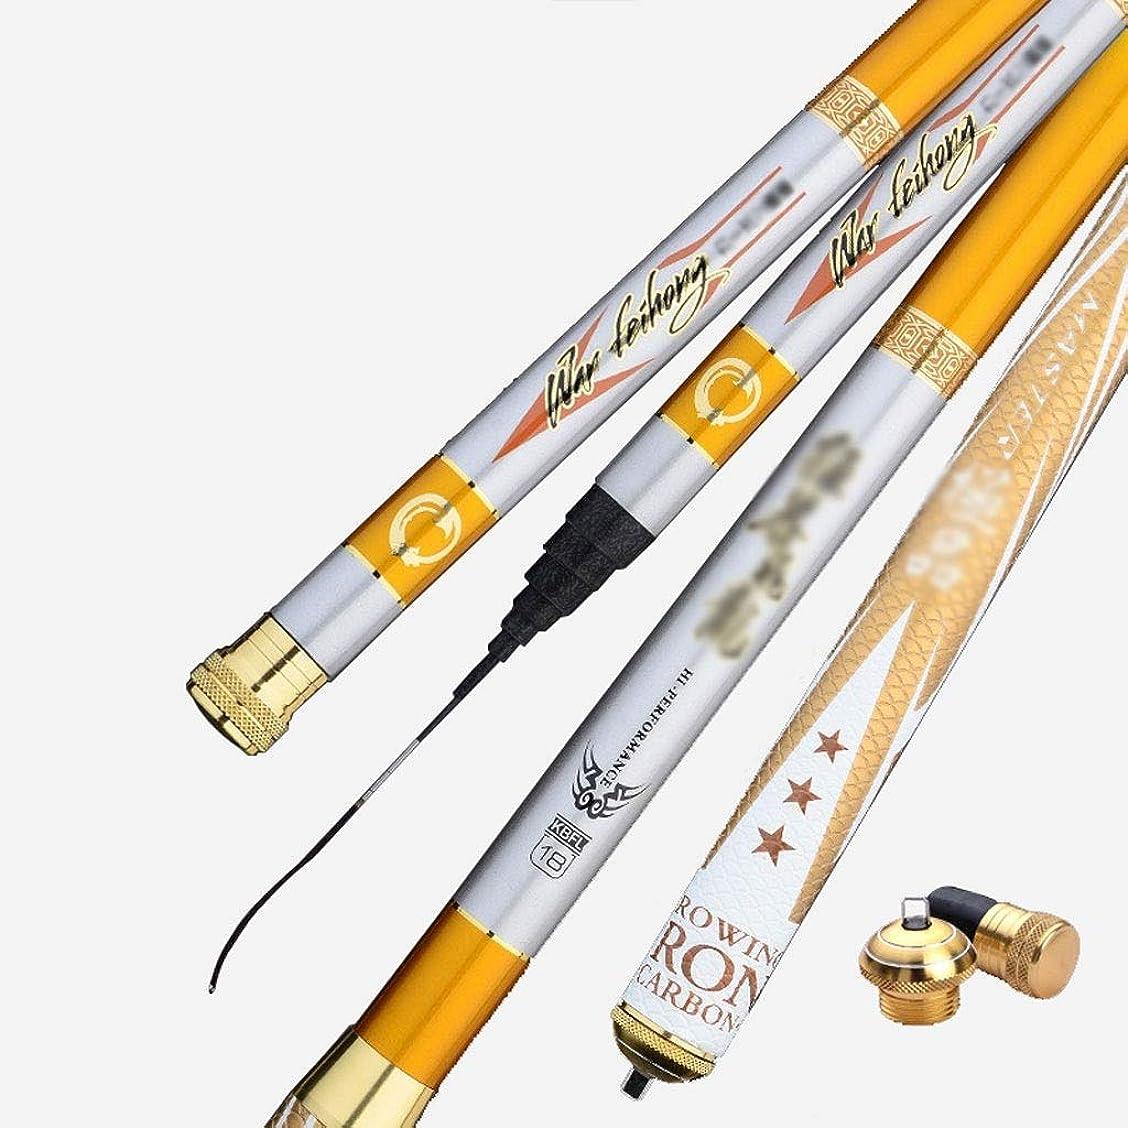 懲らしめ同盟試してみる釣り竿用カーボン 3.6~7.2メートル 超軽量 超硬 28 調節可能 釣り道具 収納可能 ポータブル イエロー 7.2 juiy0326